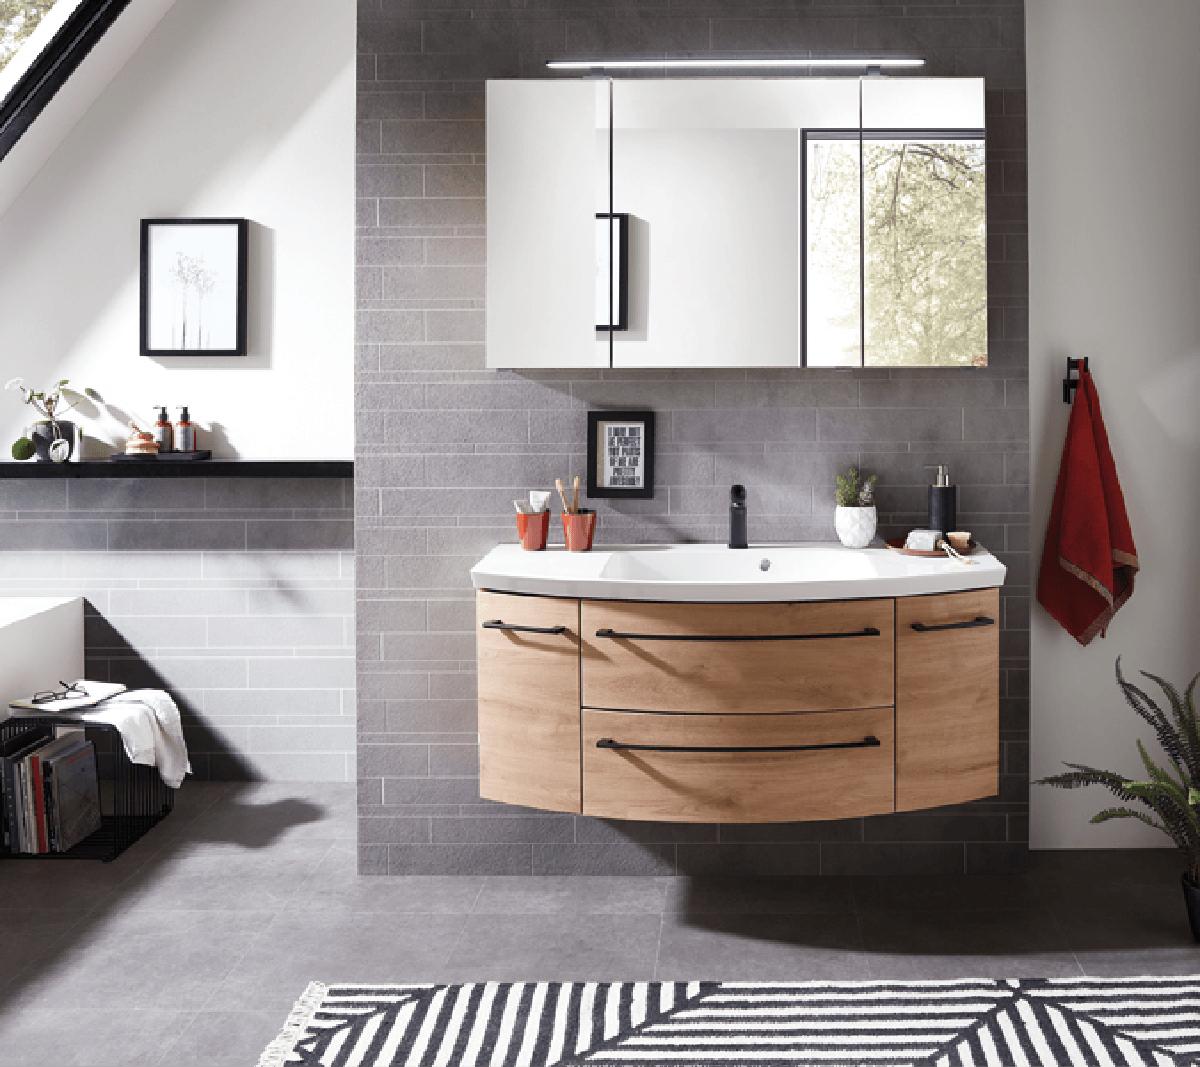 Pelipal-badkamers-Mijn-Bad-In-Stijl-badkamer-merken-3